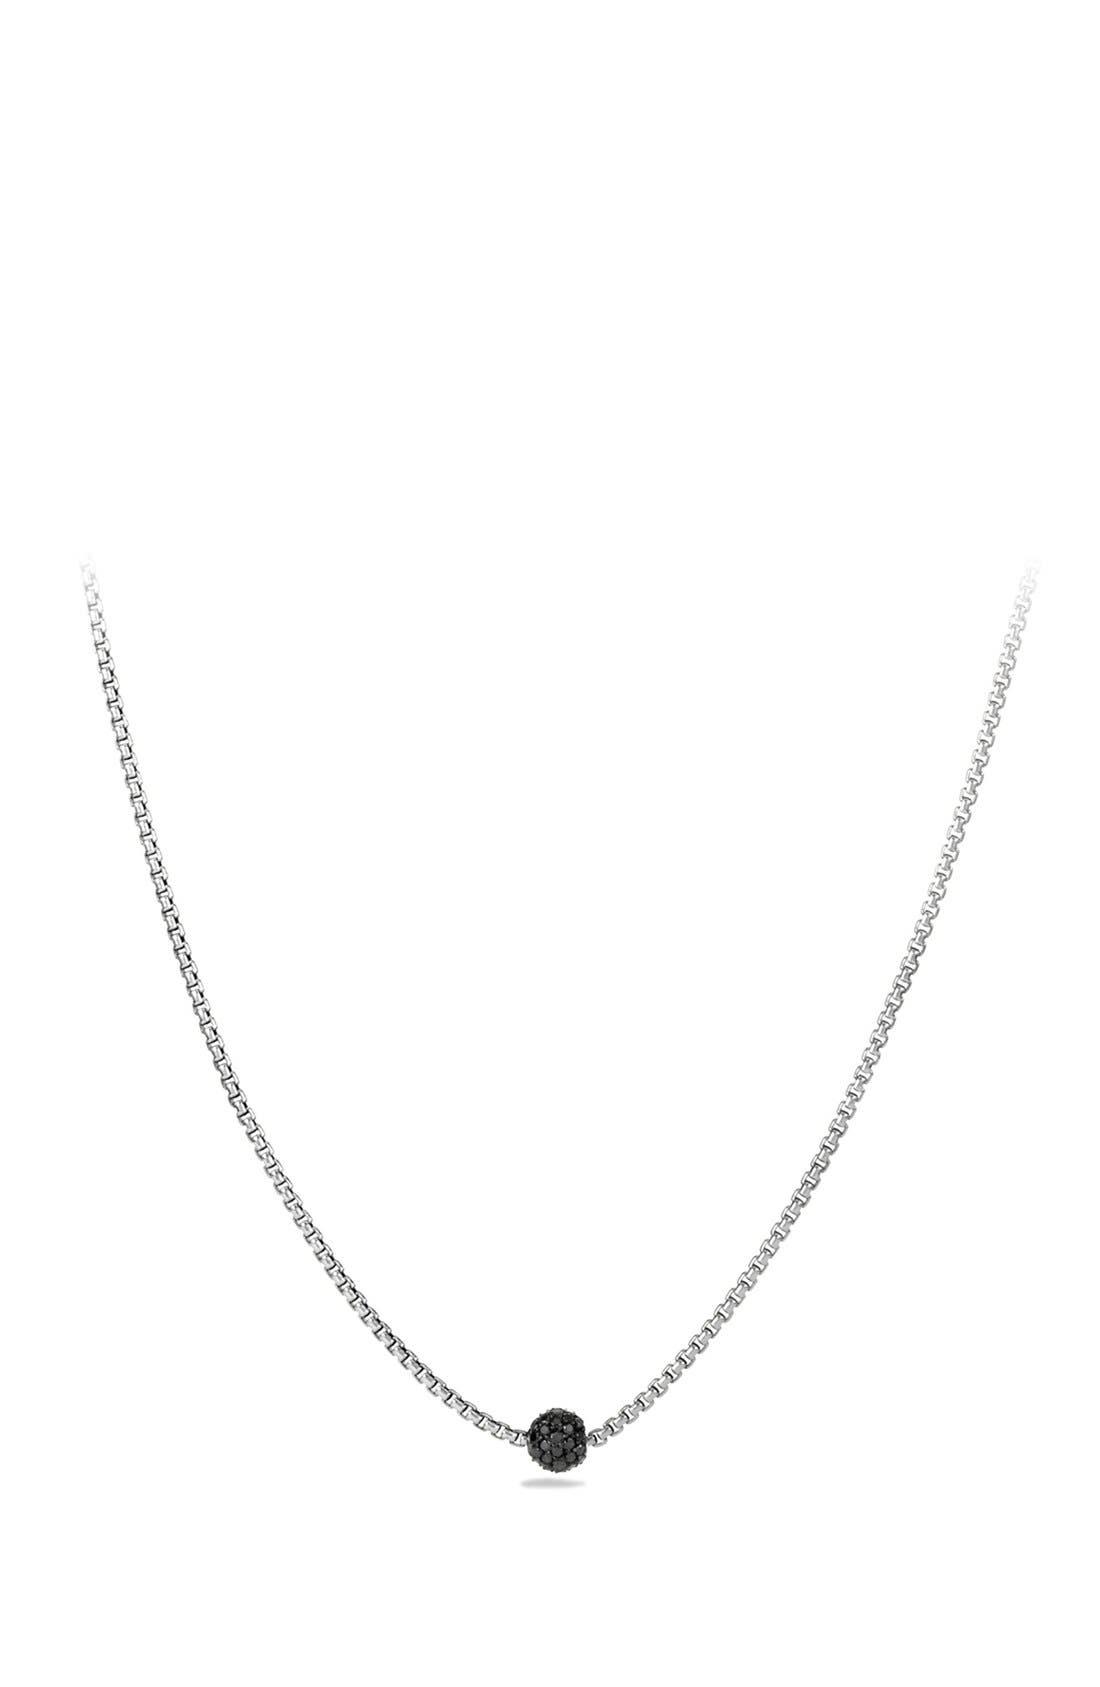 'Petite Pavé' Necklace with Diamonds,                         Main,                         color, Black Diamond